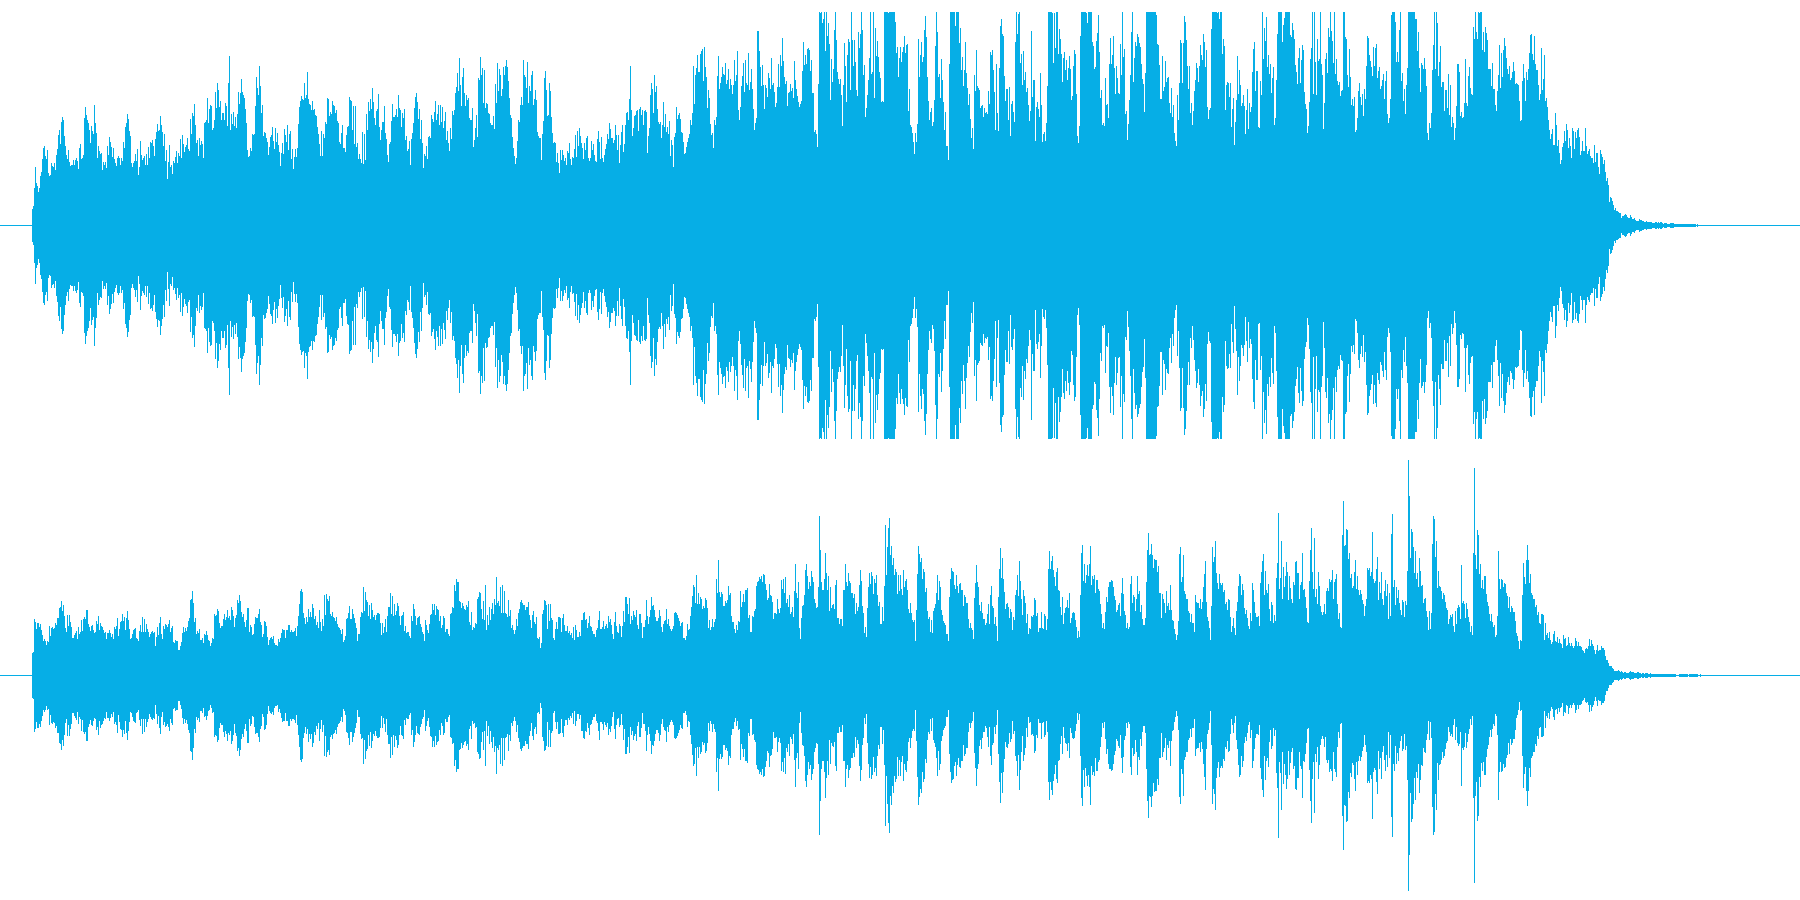 30秒CM前向き爽快ポップなオーケストラの再生済みの波形